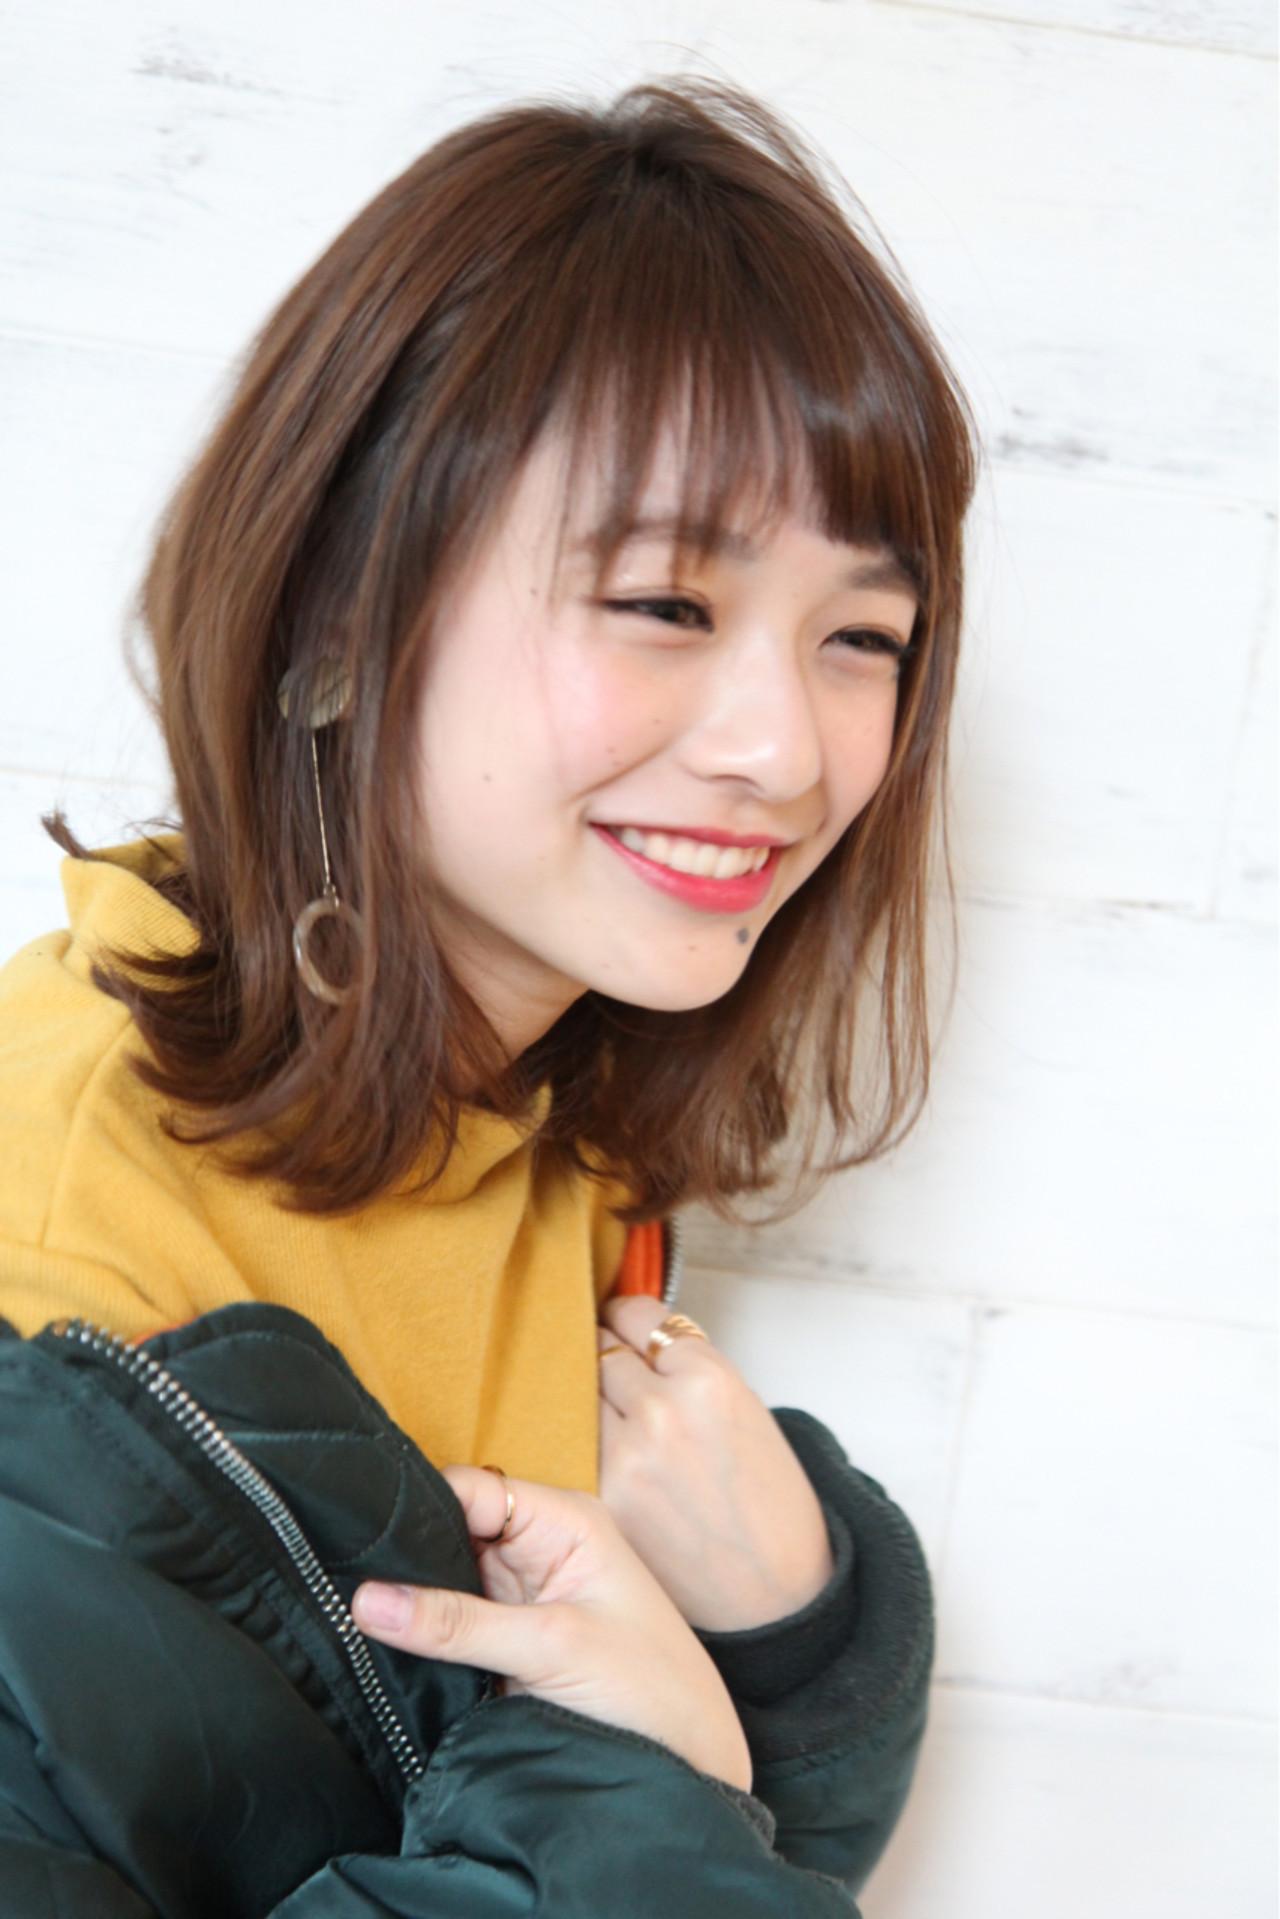 分け目を変えて、イメチェンを図る 眞鳥康史/joemi by Un ami